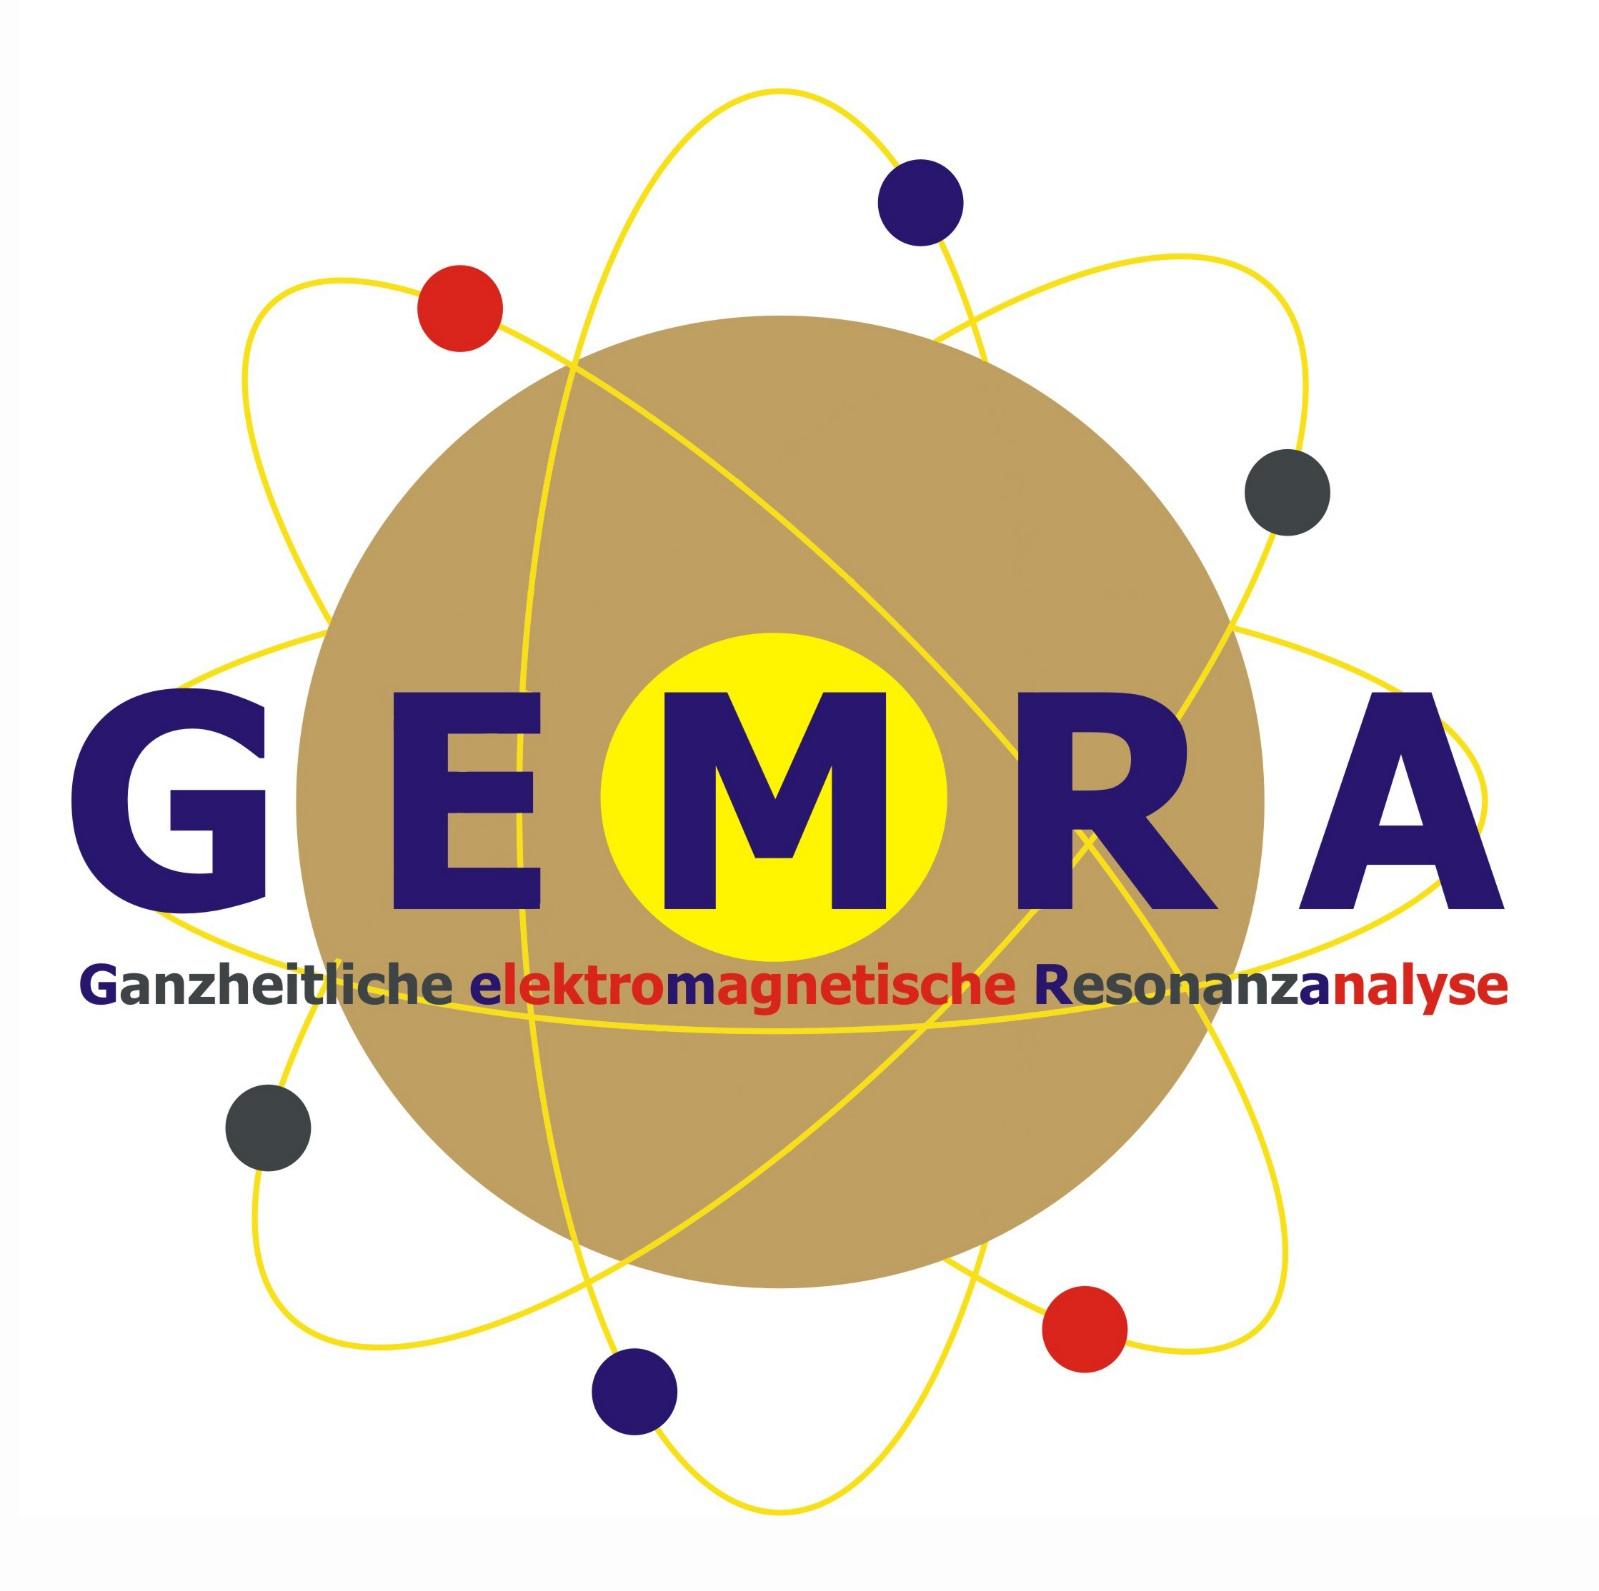 GEMRA Zertifizierung